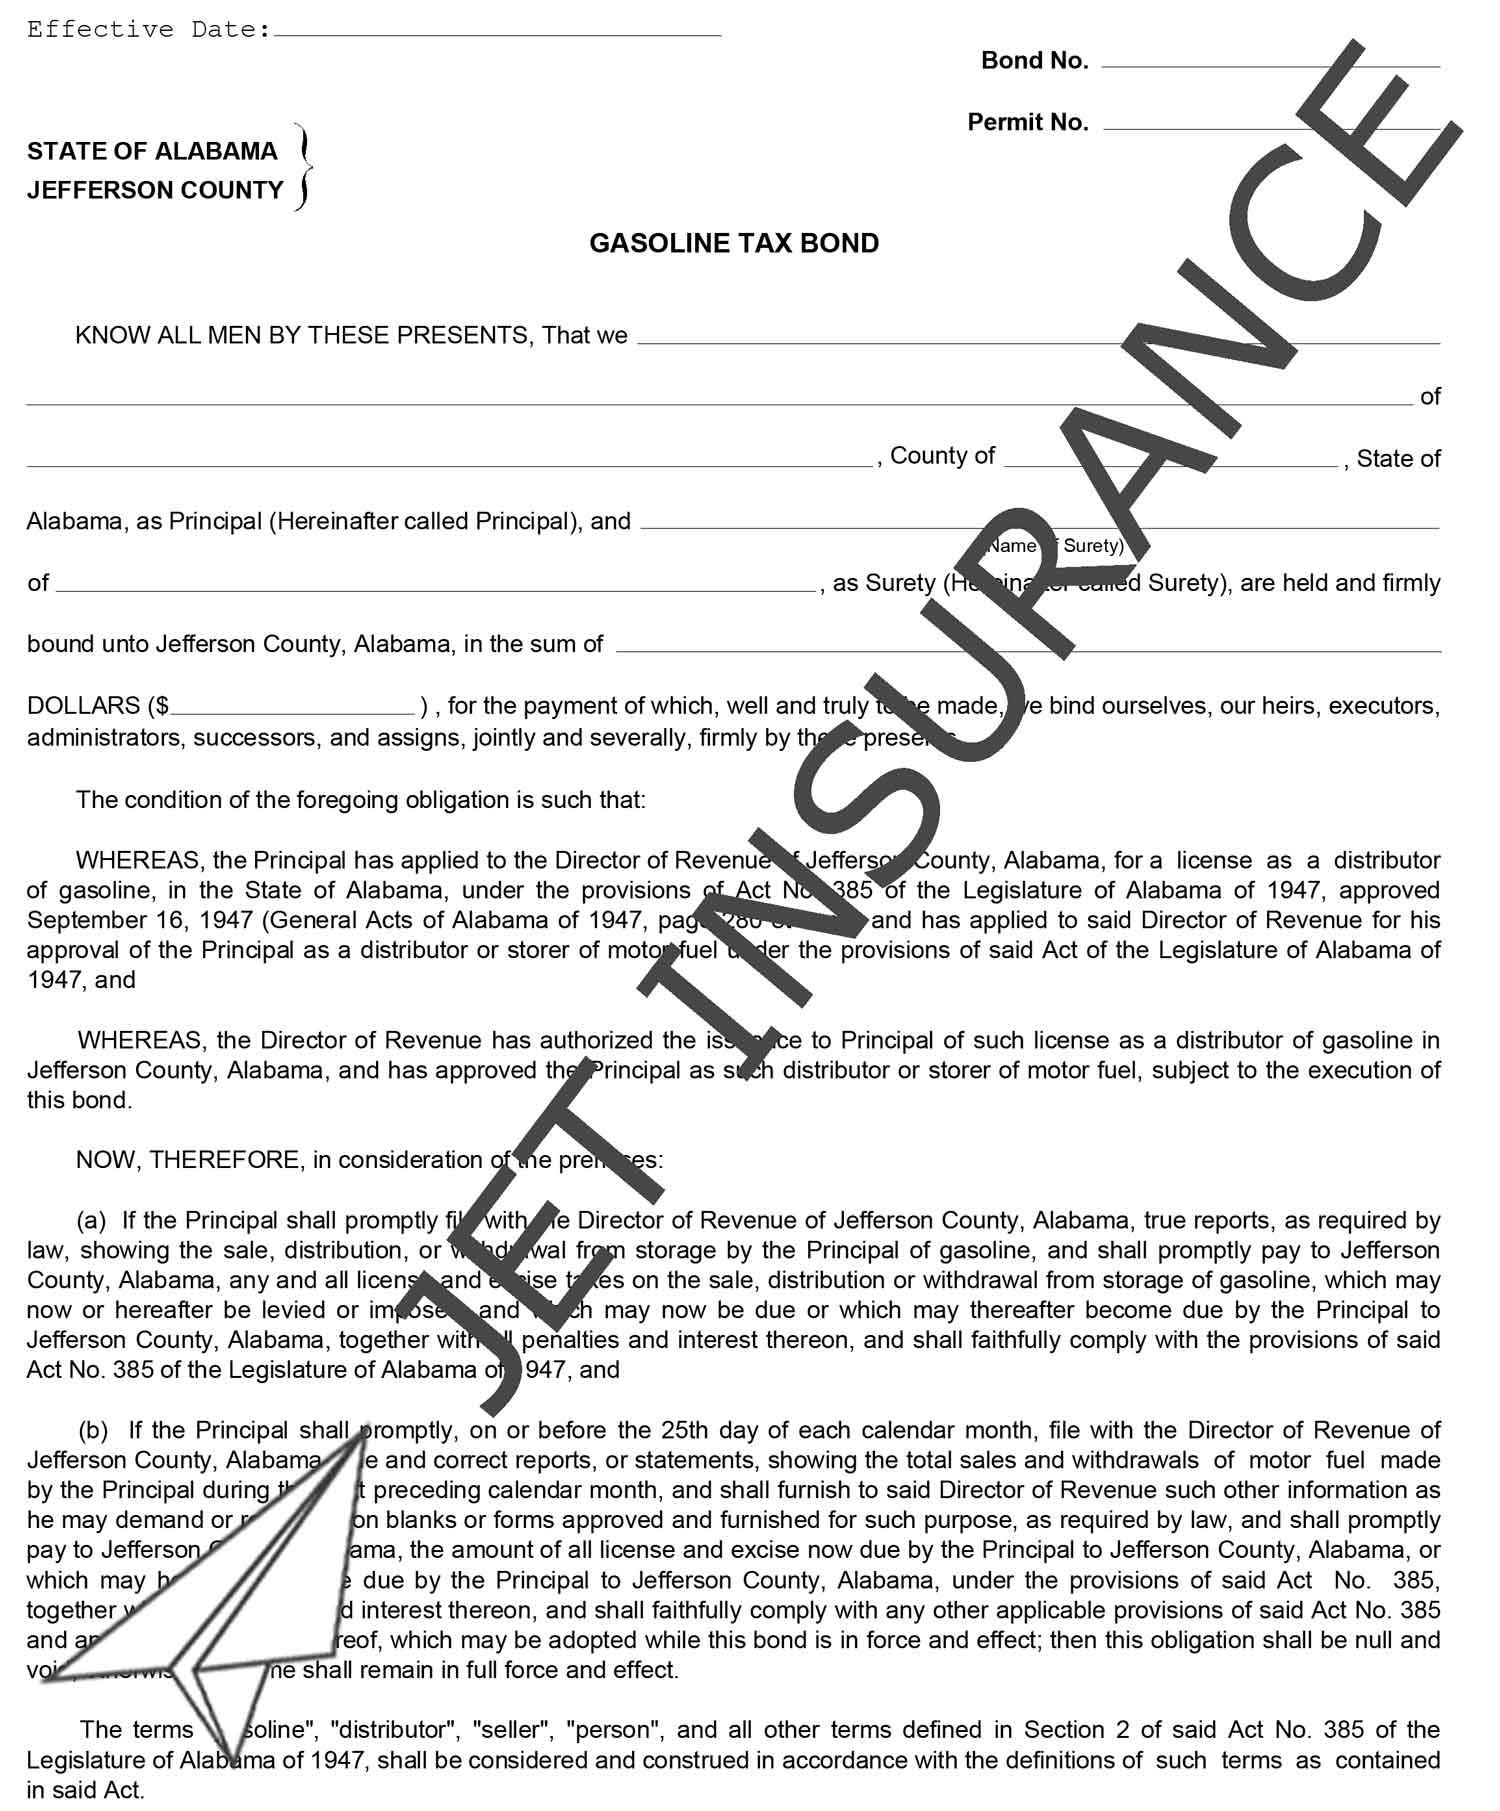 Jefferson County Alabama Gasoline Tax Bond